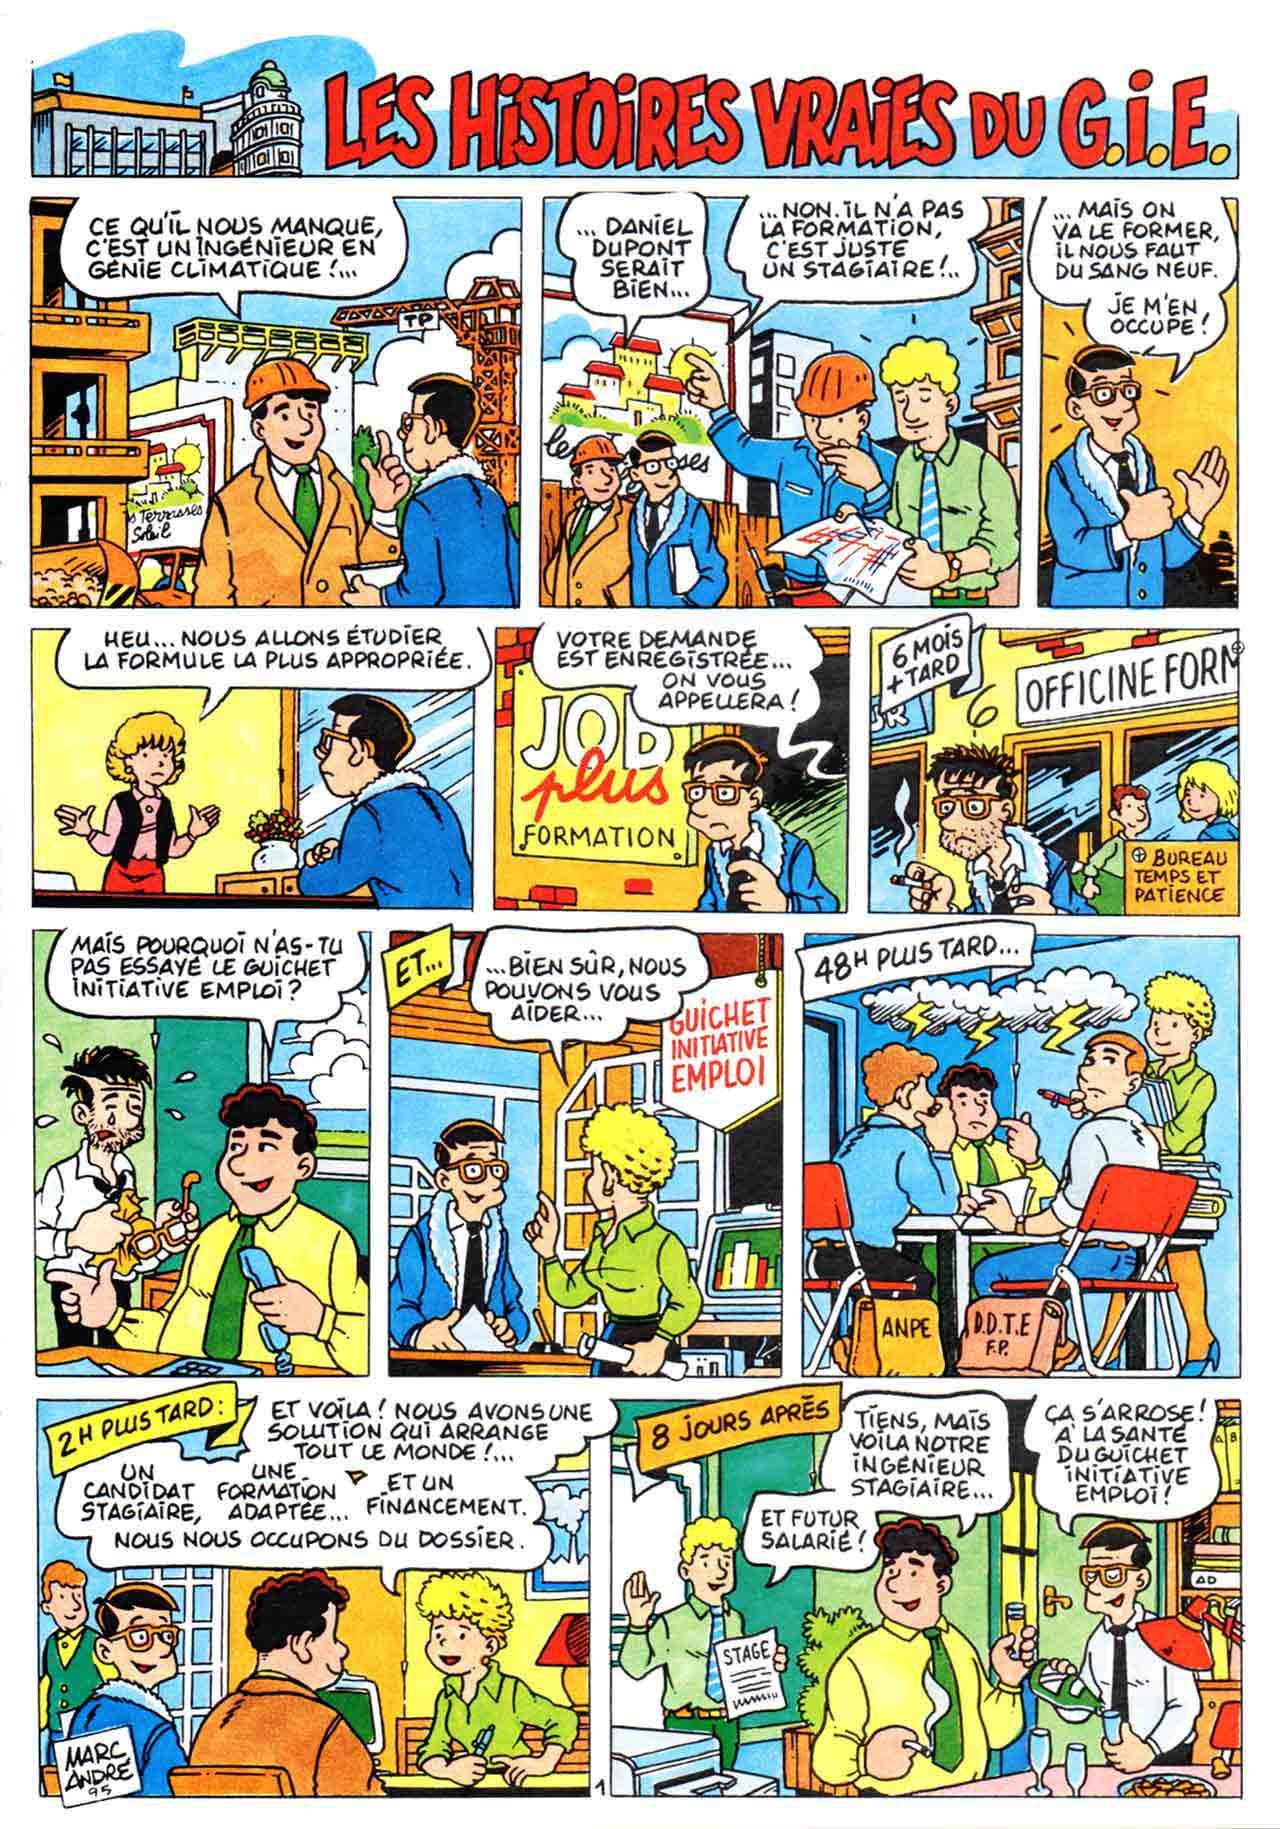 Les Histoires vraies du GIE bande dessinée dans le numéro 43 de la la revue ACTIONS (février 1996) - CCI Limoges et Haute-Vienne